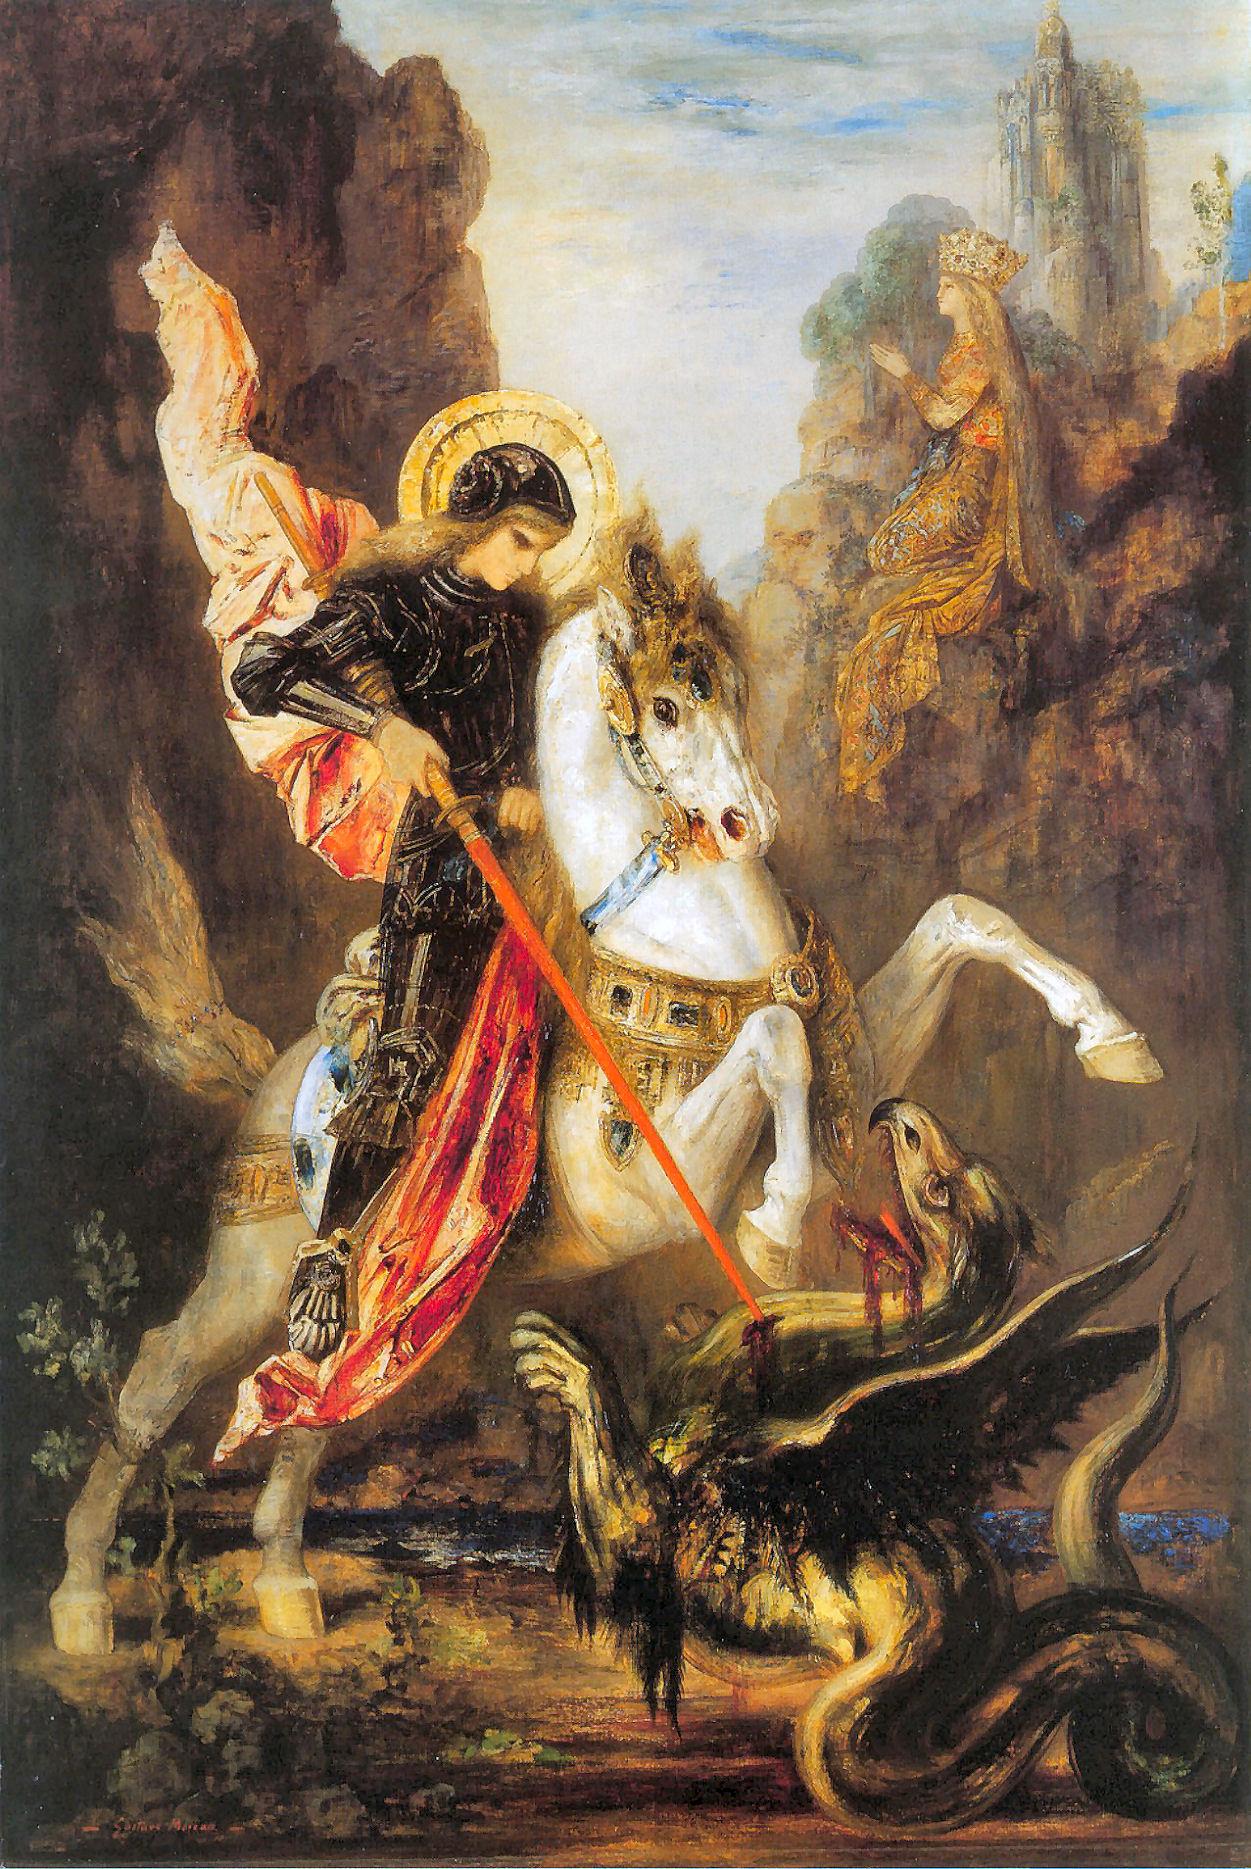 Гюстав Моро - 1890. Святой Георгий и дракон.